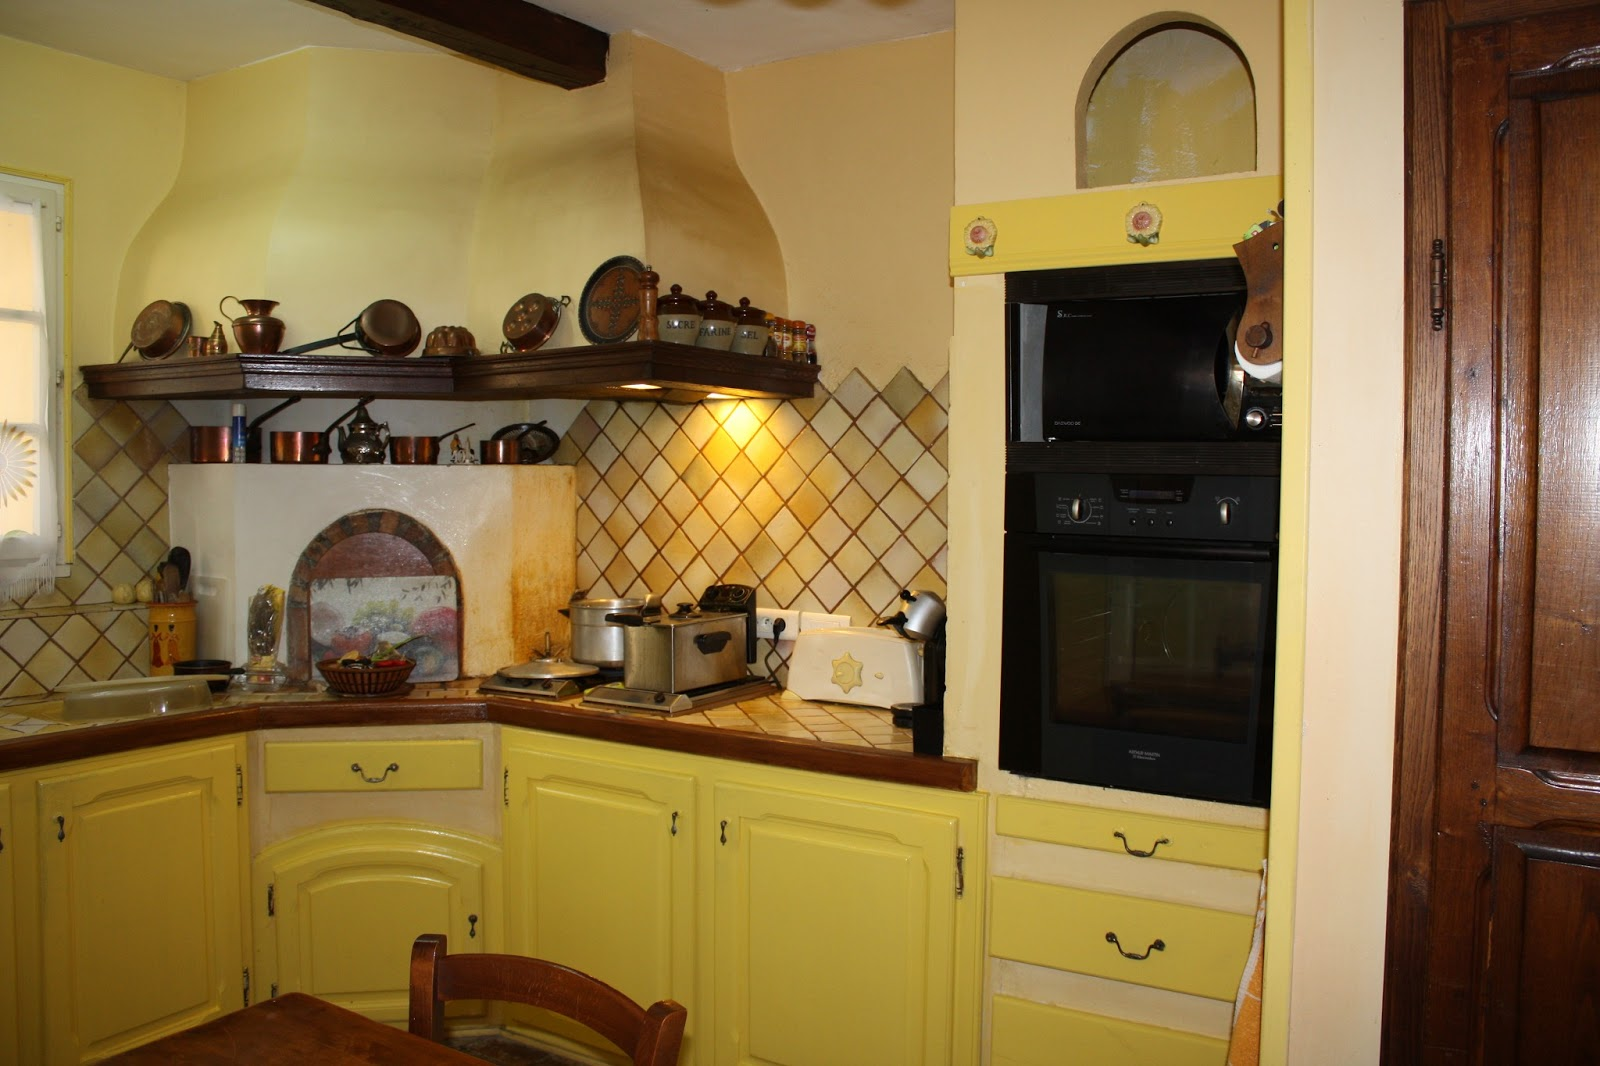 Changement de d cors la cuisine peinture mur et patine for Cuisine mur jaune